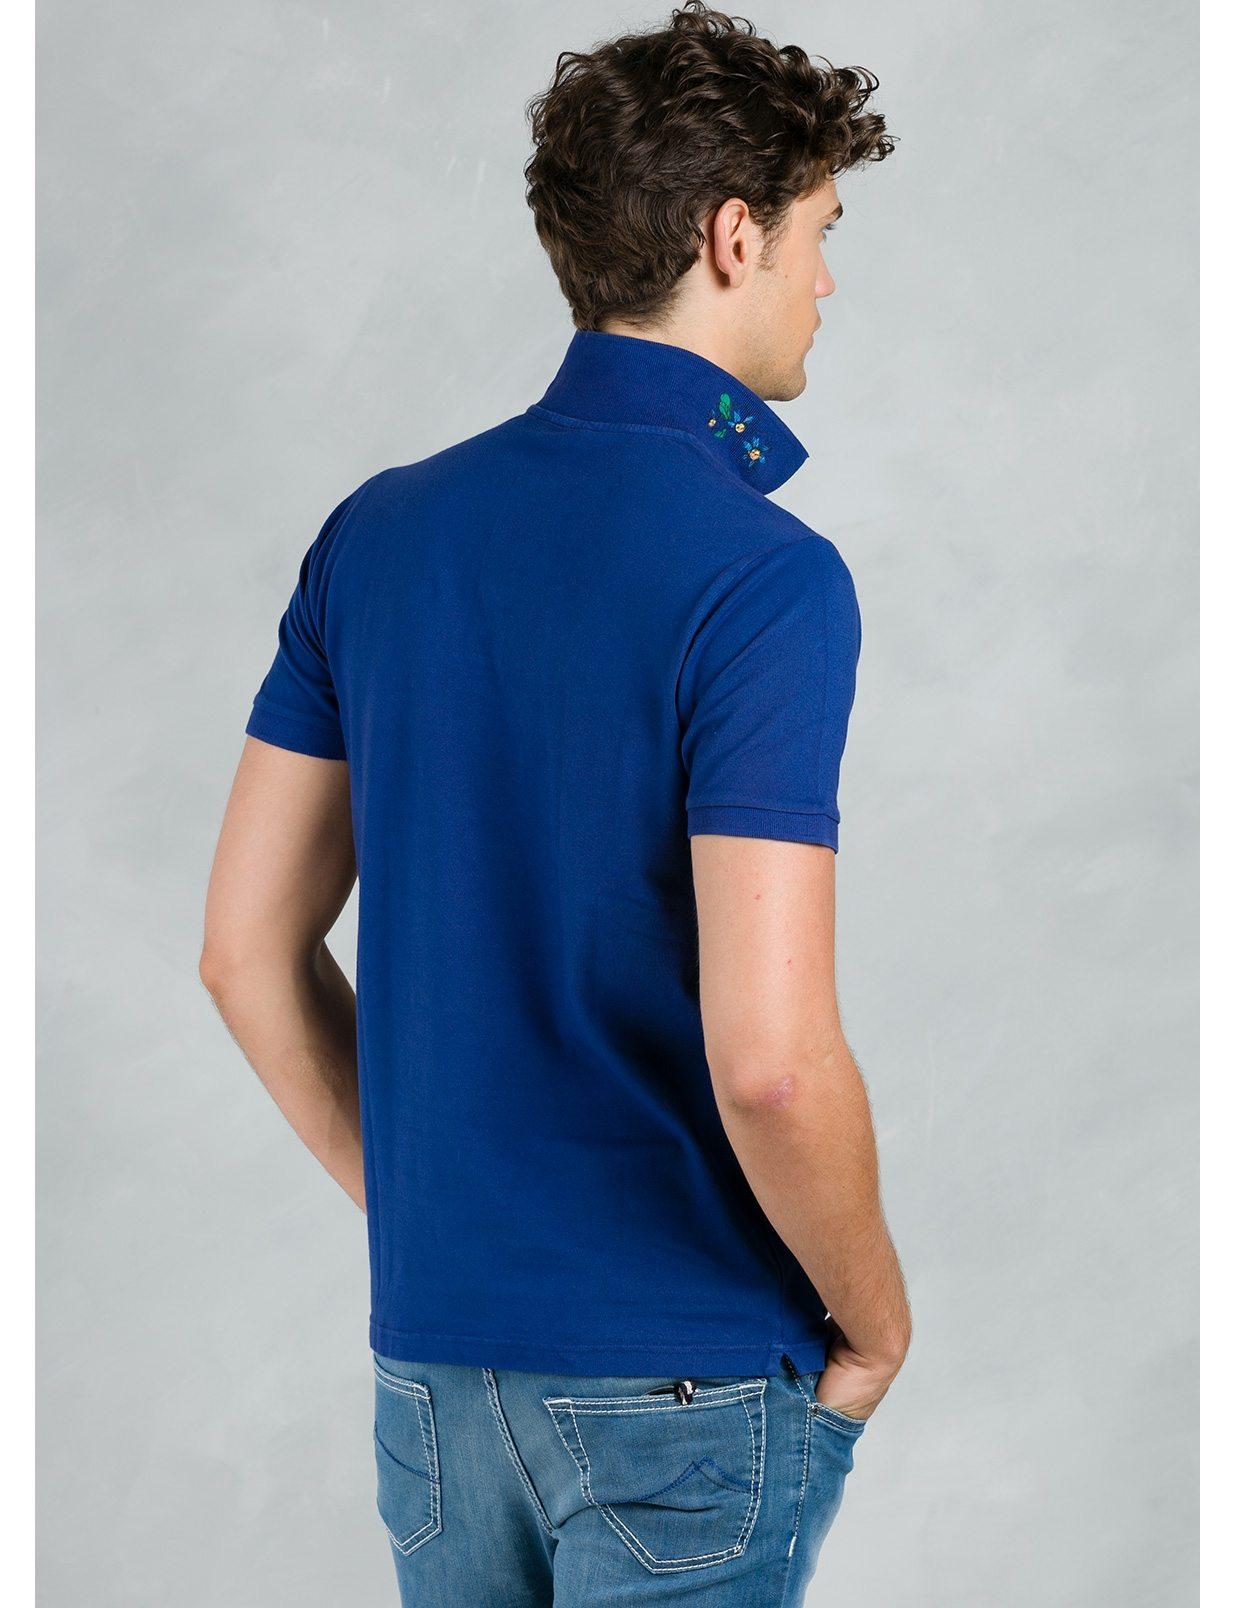 Polo manga corta piquet con flor grabada en cuello, color azul tinta, 95% Algodón 5% Elastán. - Ítem2